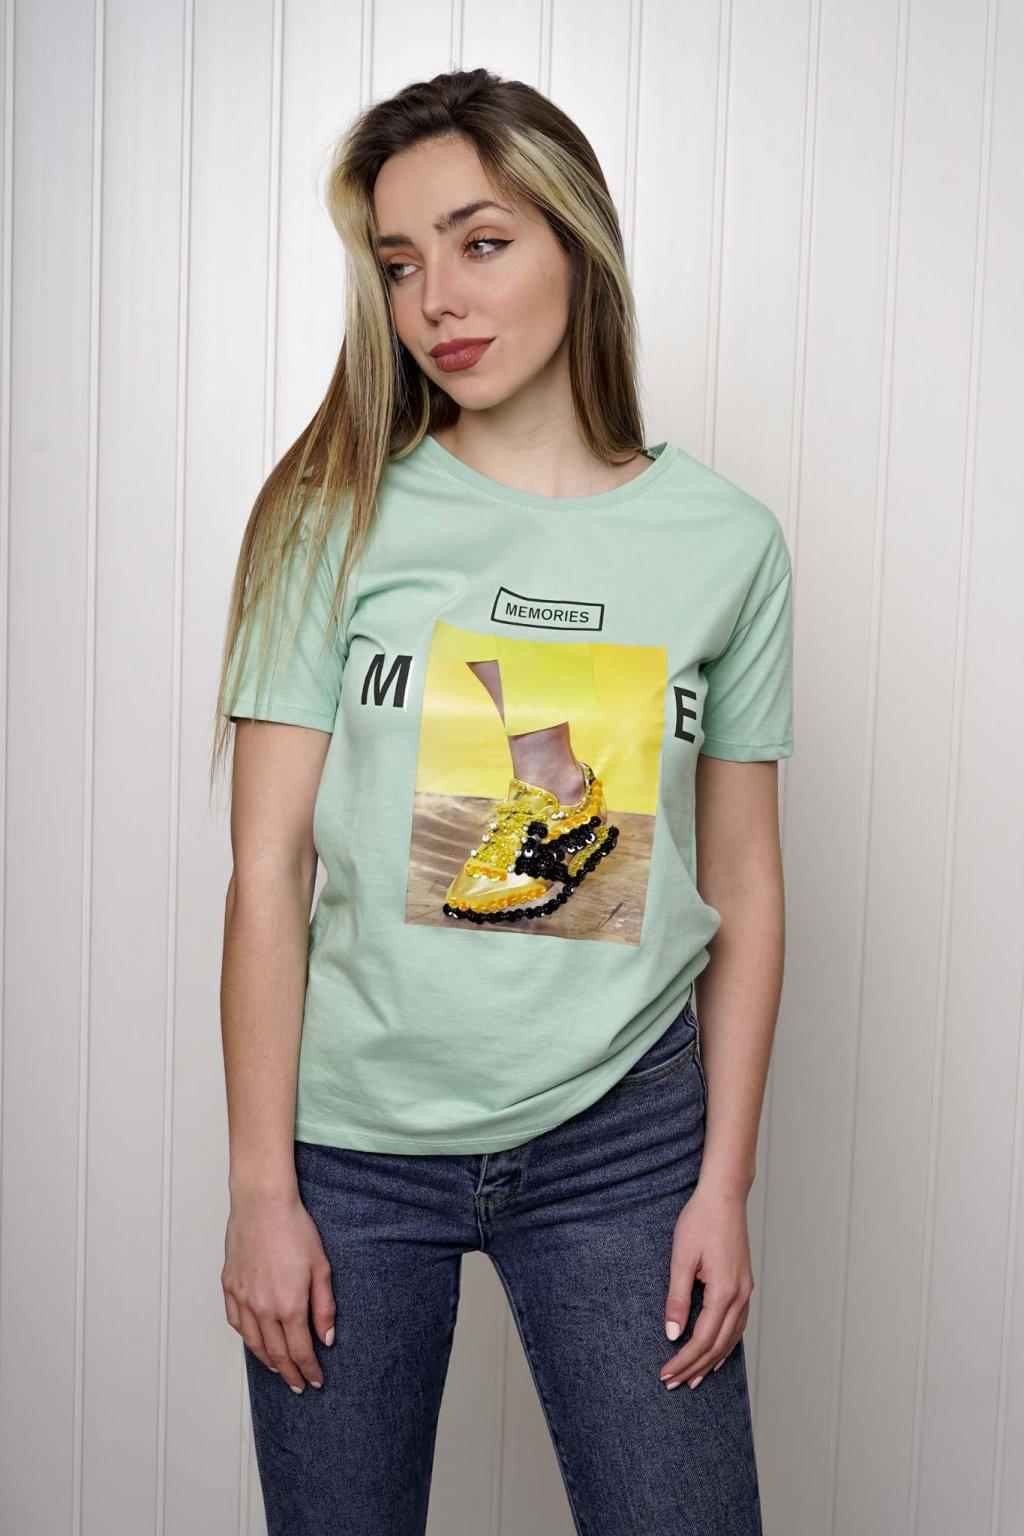 tričko, tričkové šaty, biele, čierne, žlté, vzorované, potlač, vyšívané, nášivky, fialové, street style, 304